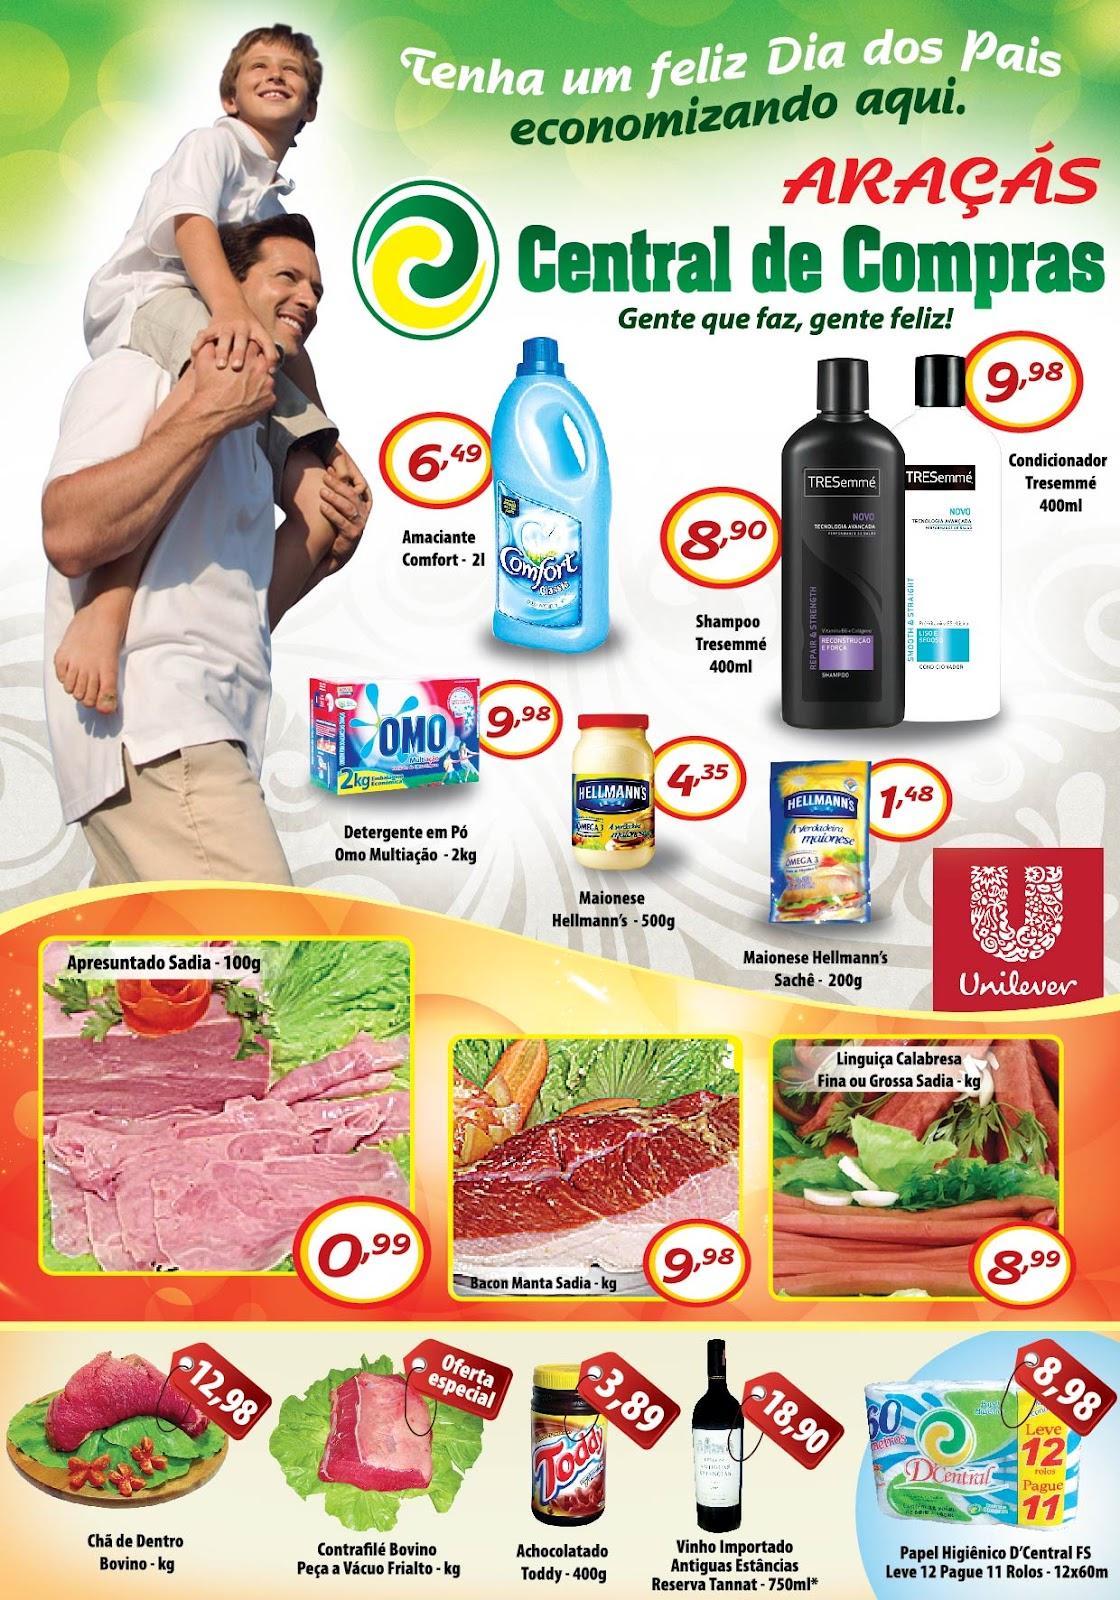 Rg marketing e propaganda folheto central de compras ara s - Central de compras web ...